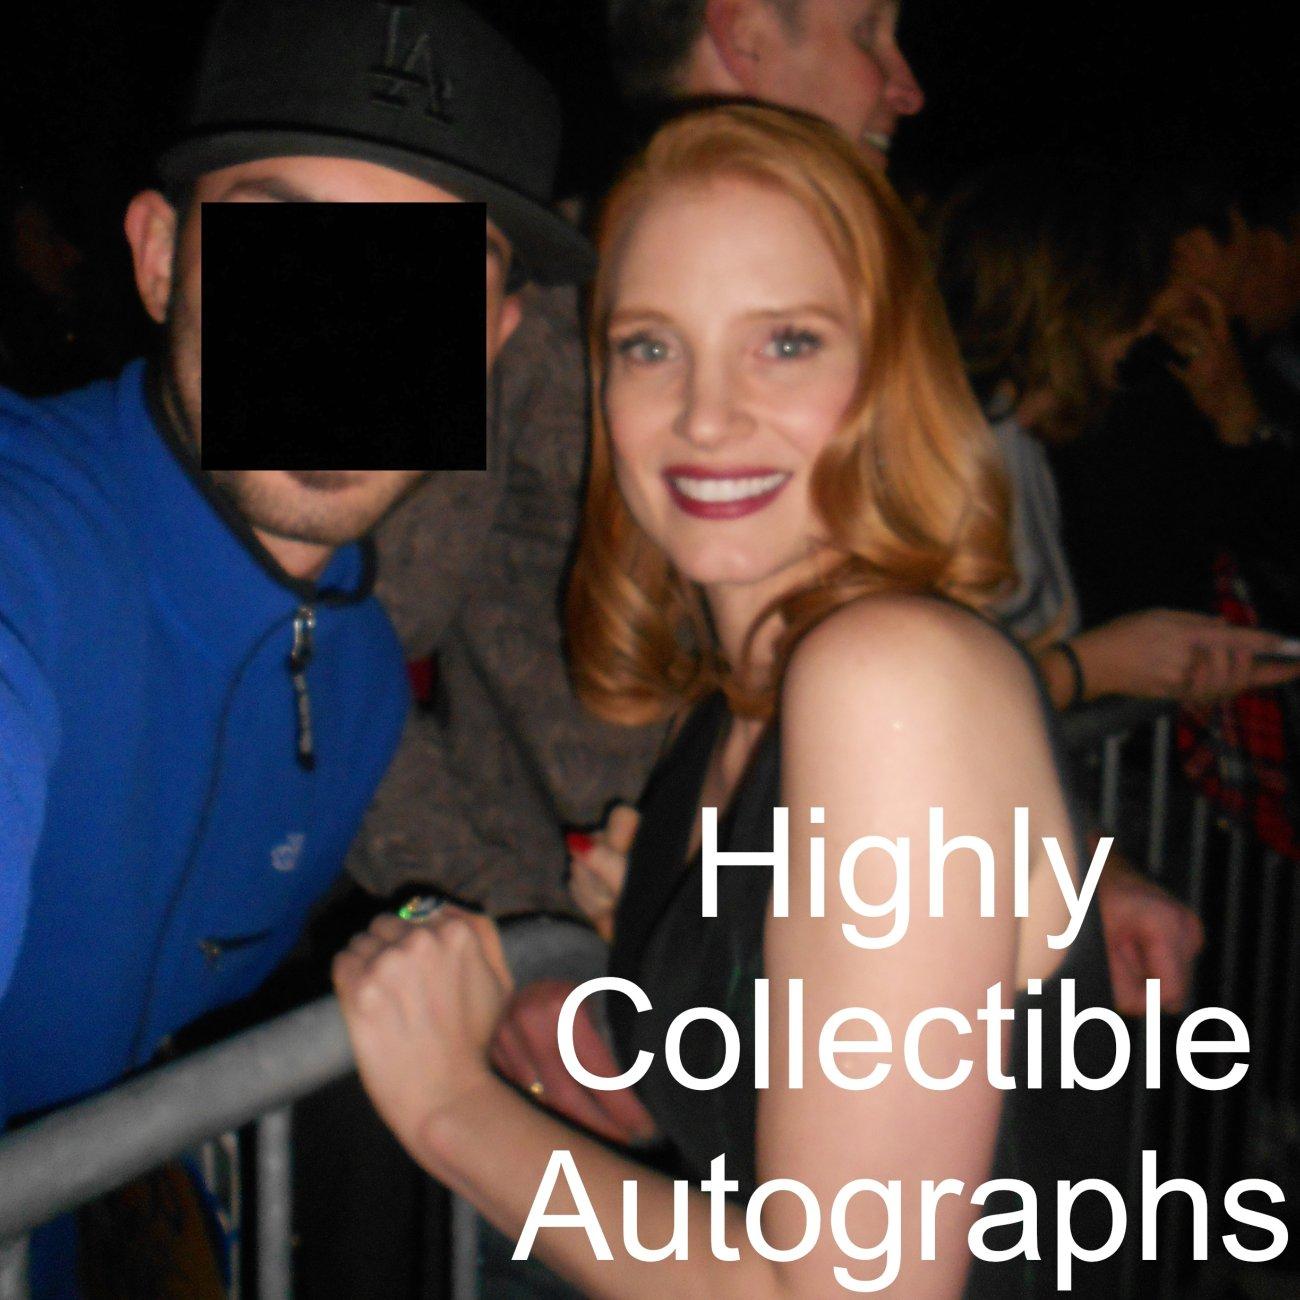 http://3.bp.blogspot.com/-7i_uabZhZDo/TxNcTdNTfUI/AAAAAAAAAQ4/L1juWi6nddM/s1600/Jessica+and+Me.JPG